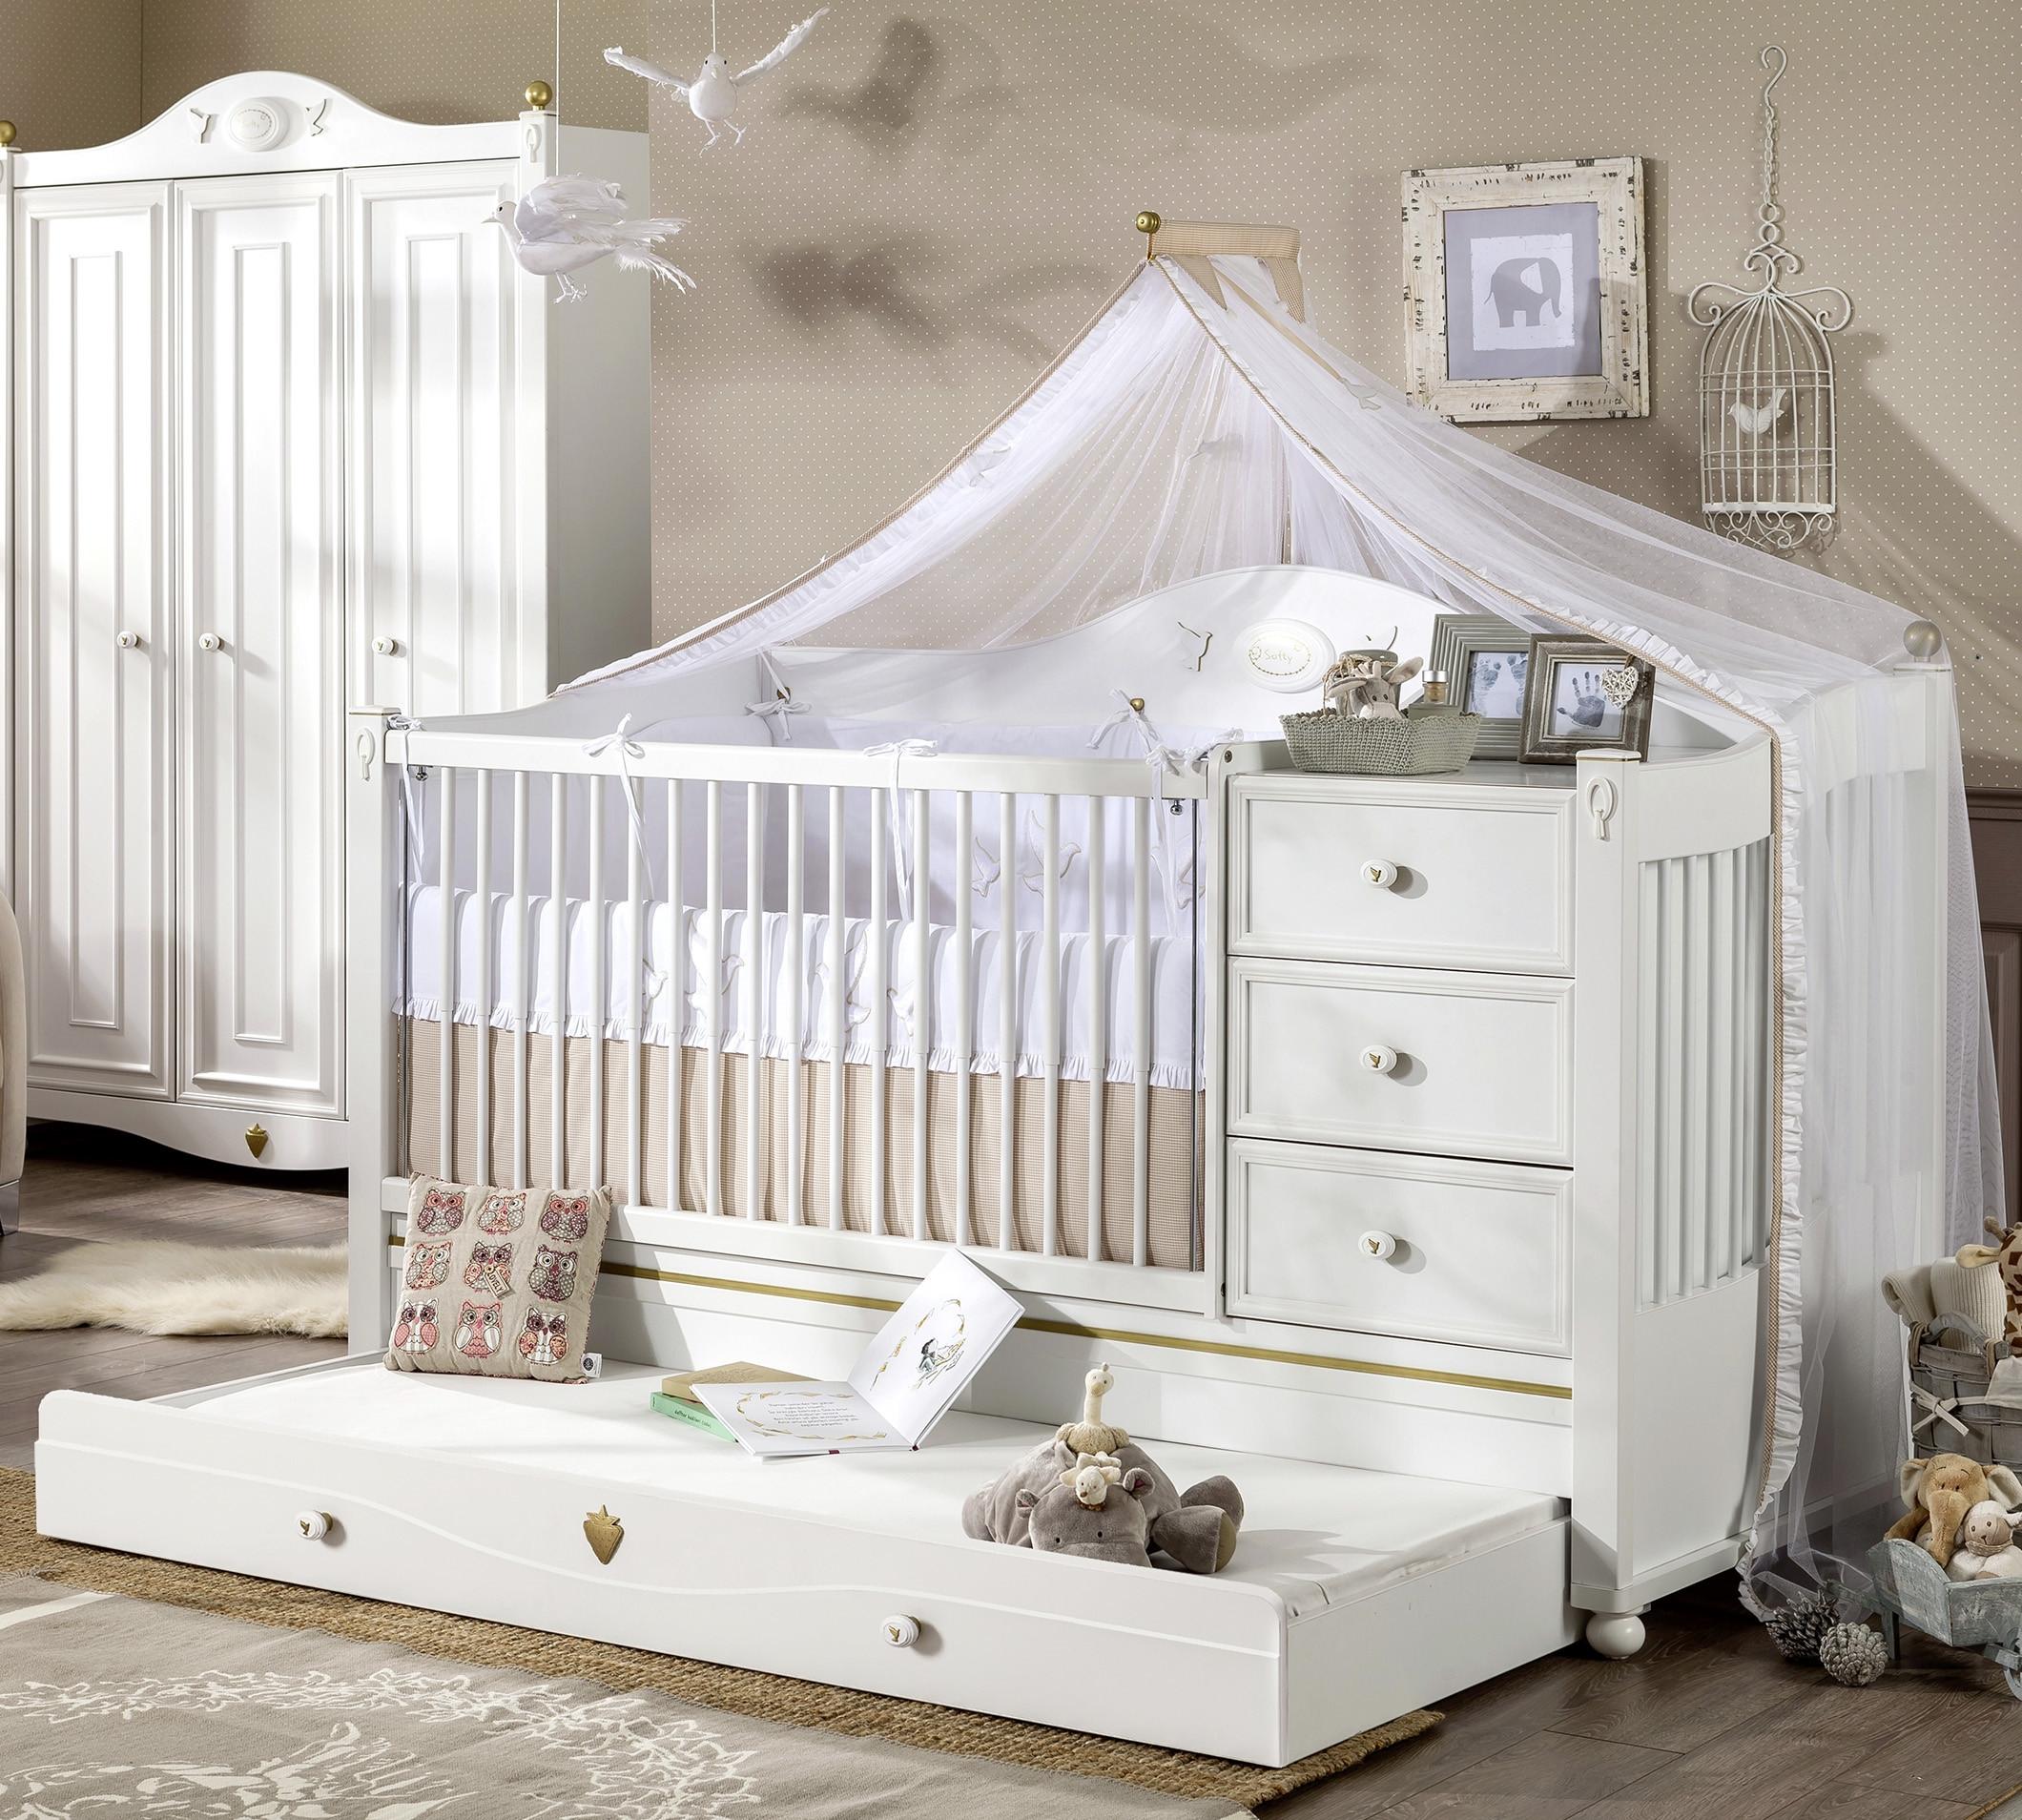 صور لغرف نوم أطفال حديثي الولادة 2020